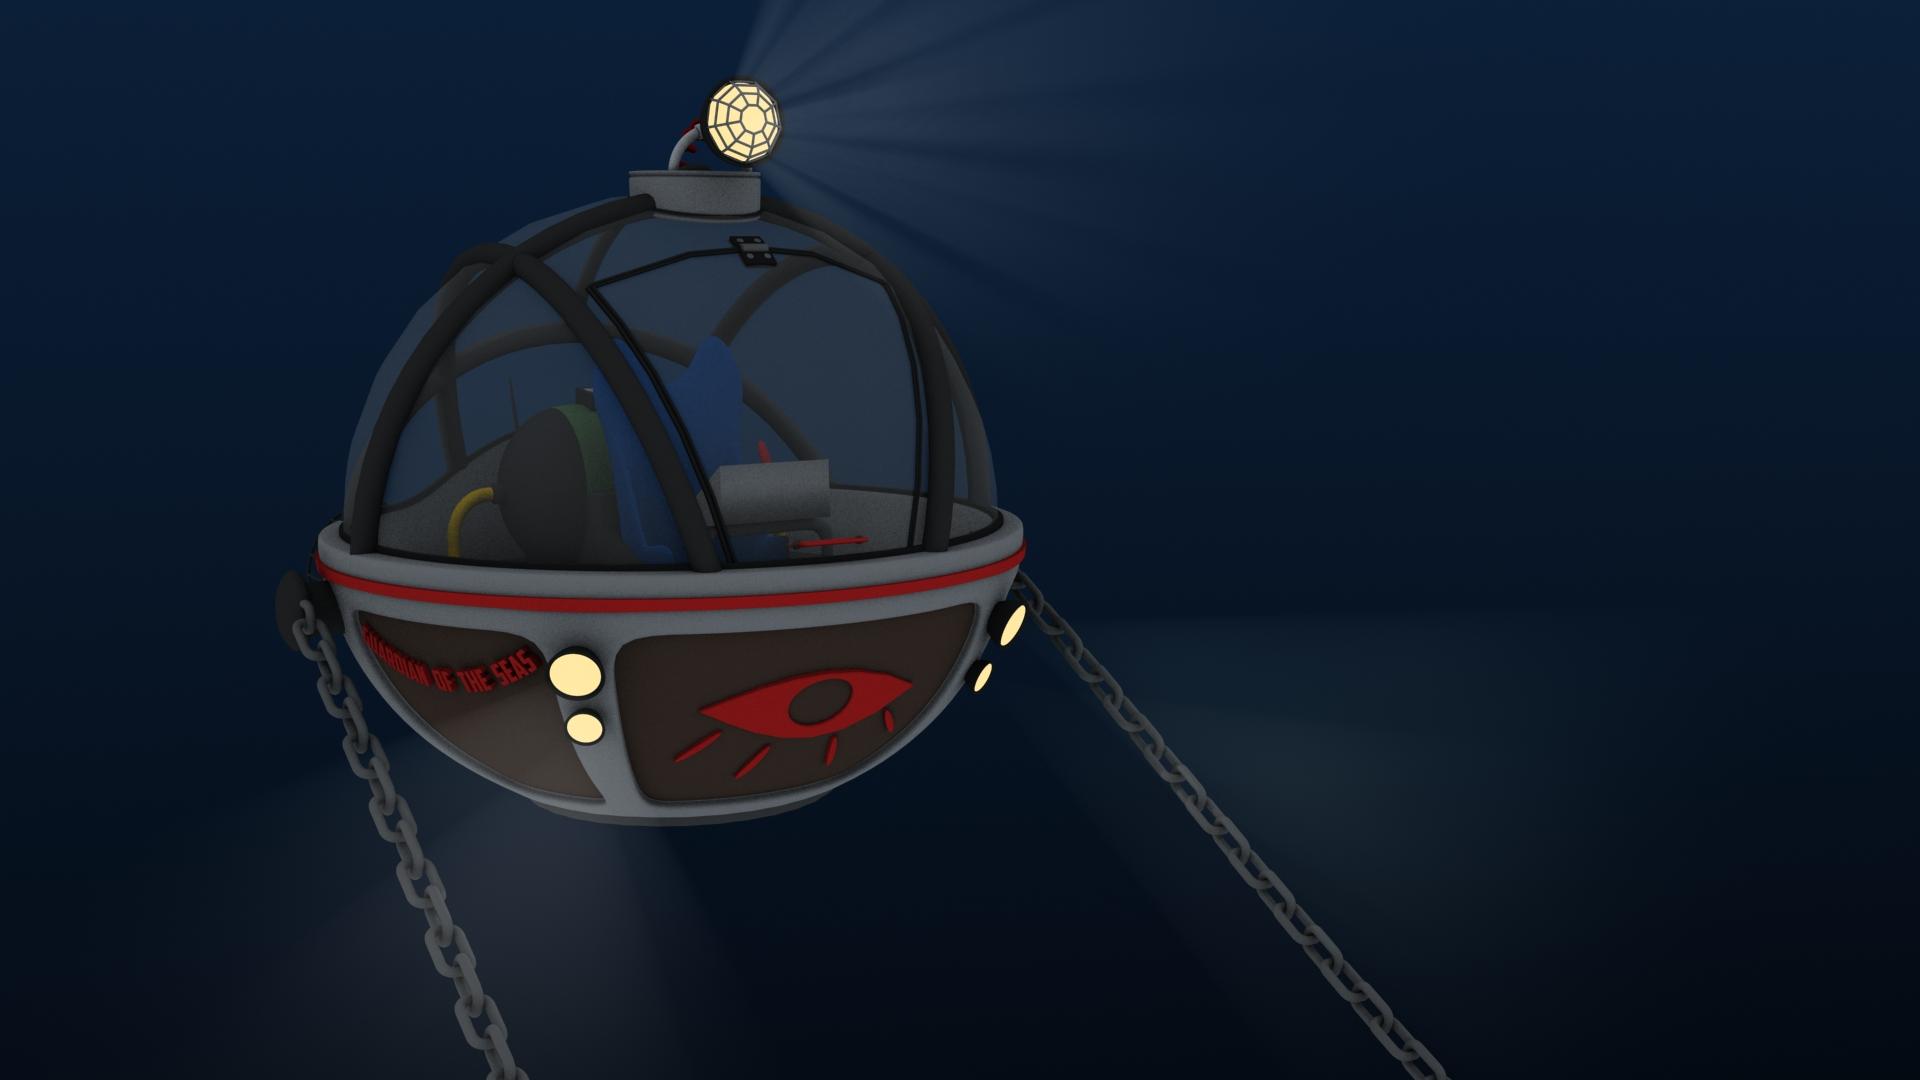 Guardian of the Seas Submarine